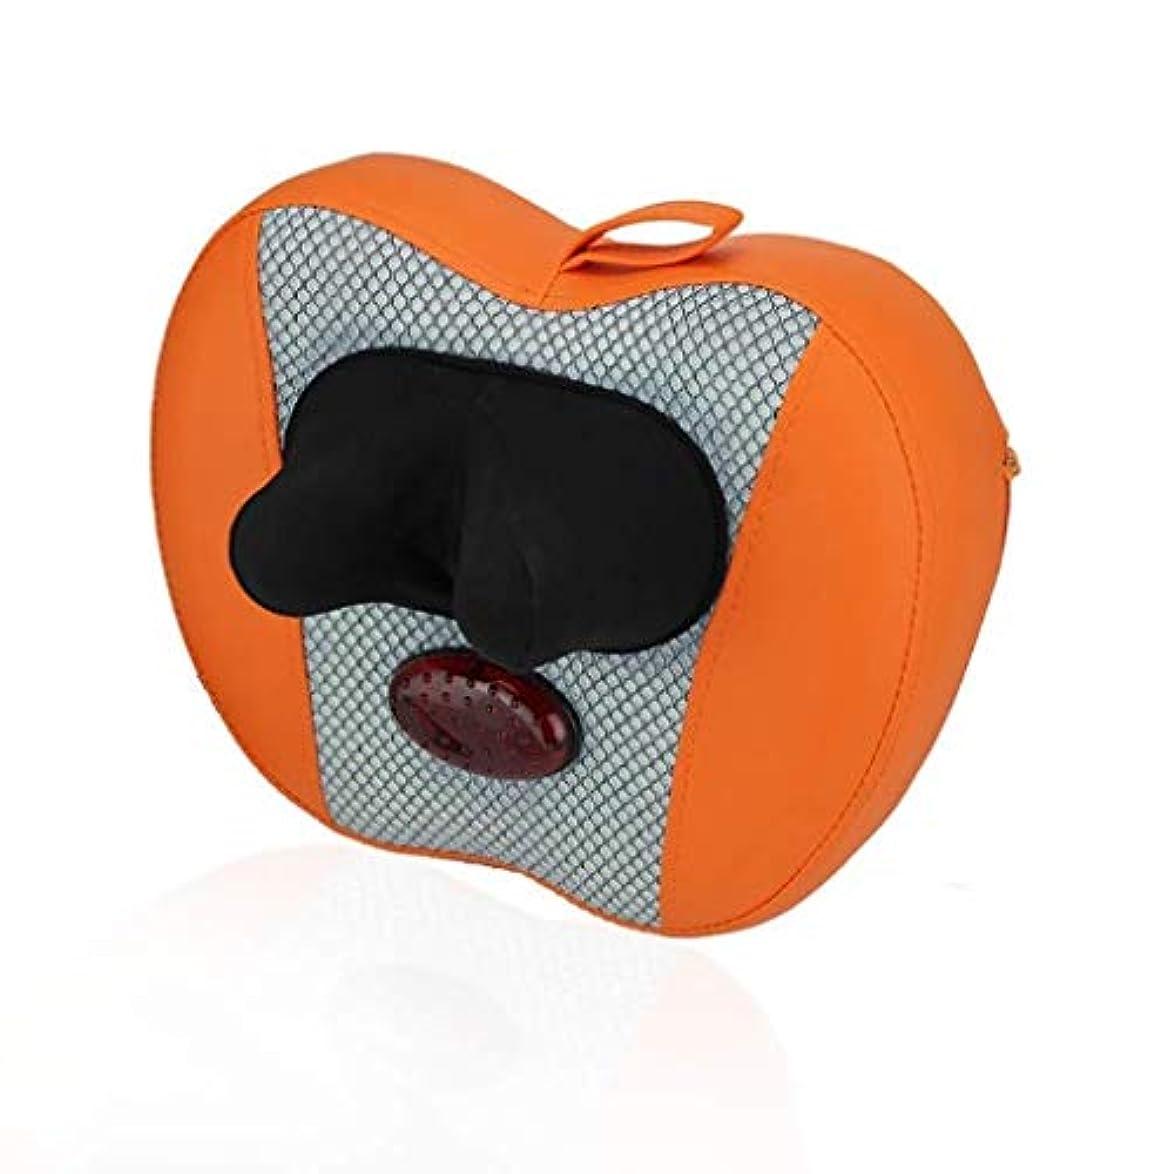 ギャロップリズム敵対的マッサージャー、首/背中のマッサージ枕、電動マッサージクッション、首、ウエスト、肩暖房ディープニーディングマッサージ枕、筋肉痛の緩和